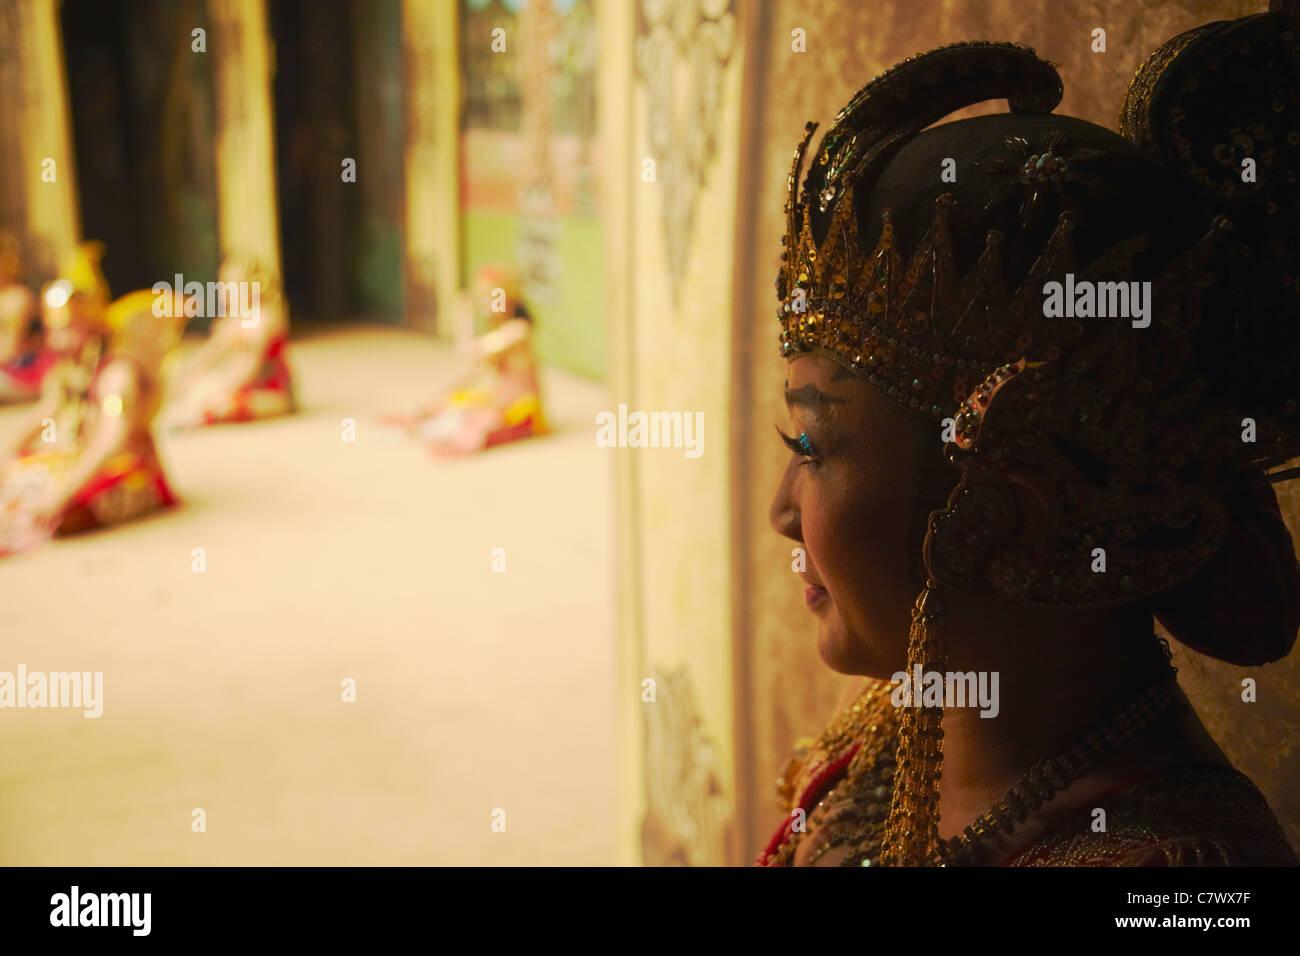 Wayang orang performer waiting in wings of Sriwedari Theatre, Solo, Java, Indonesia Stock Photo